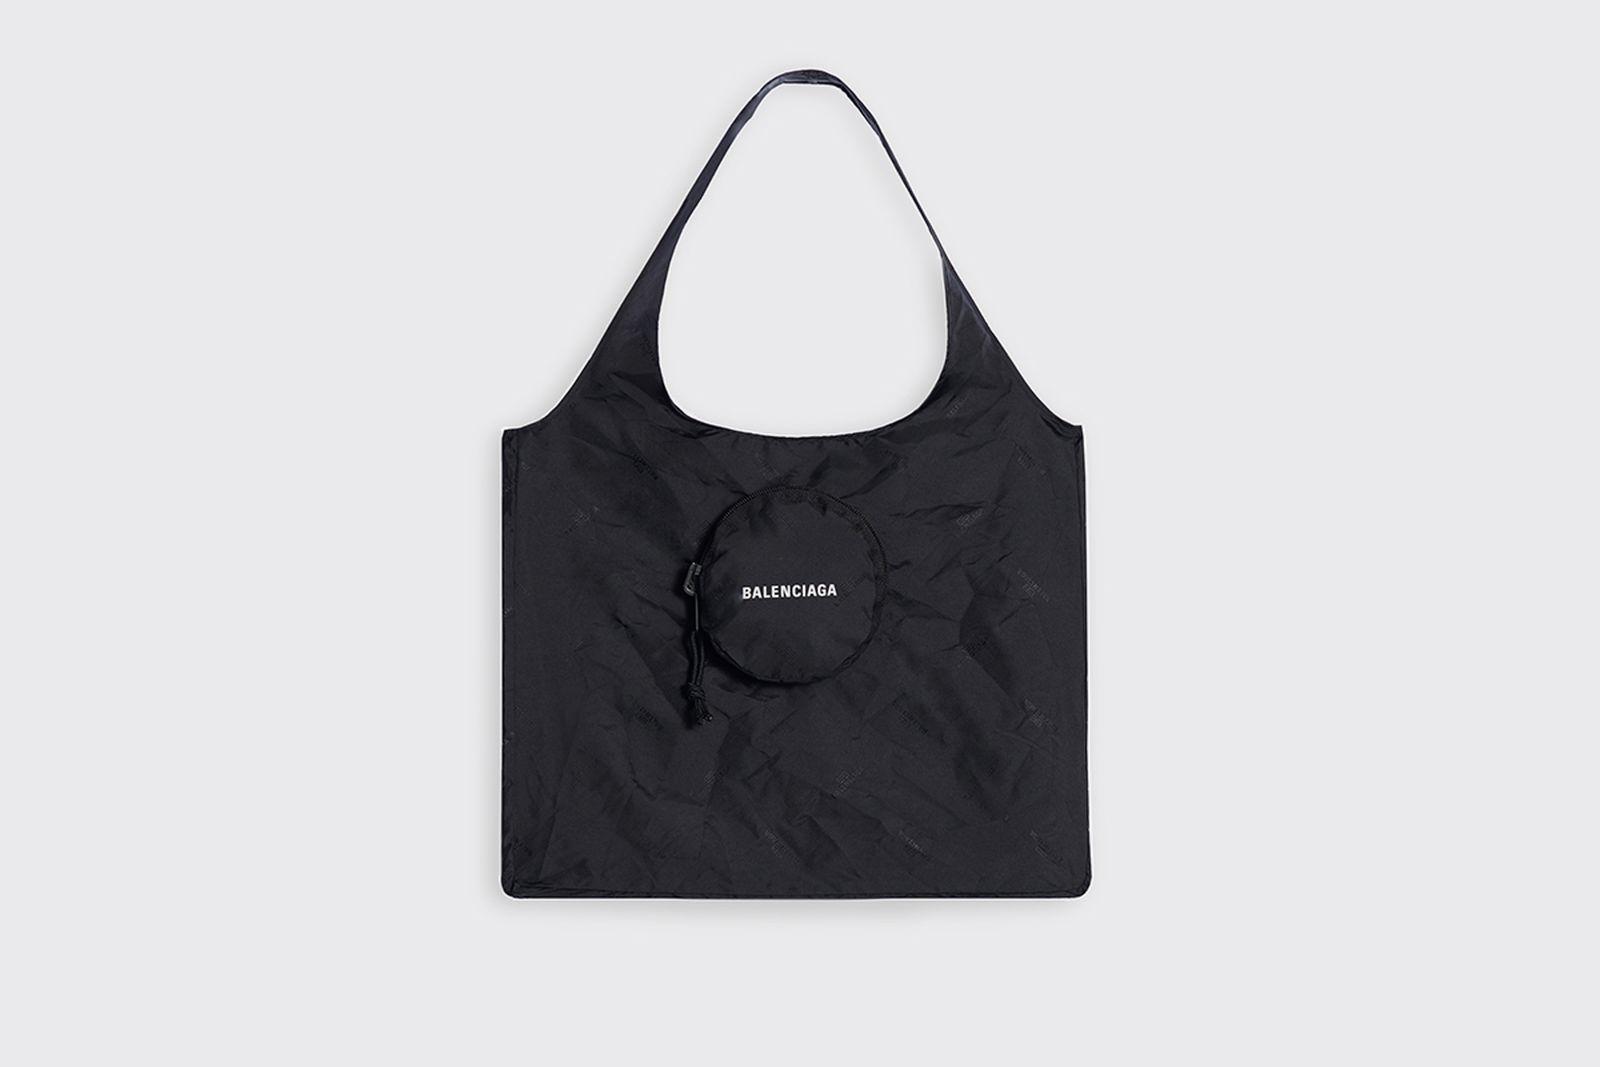 balenciaga-grocery-bag-01